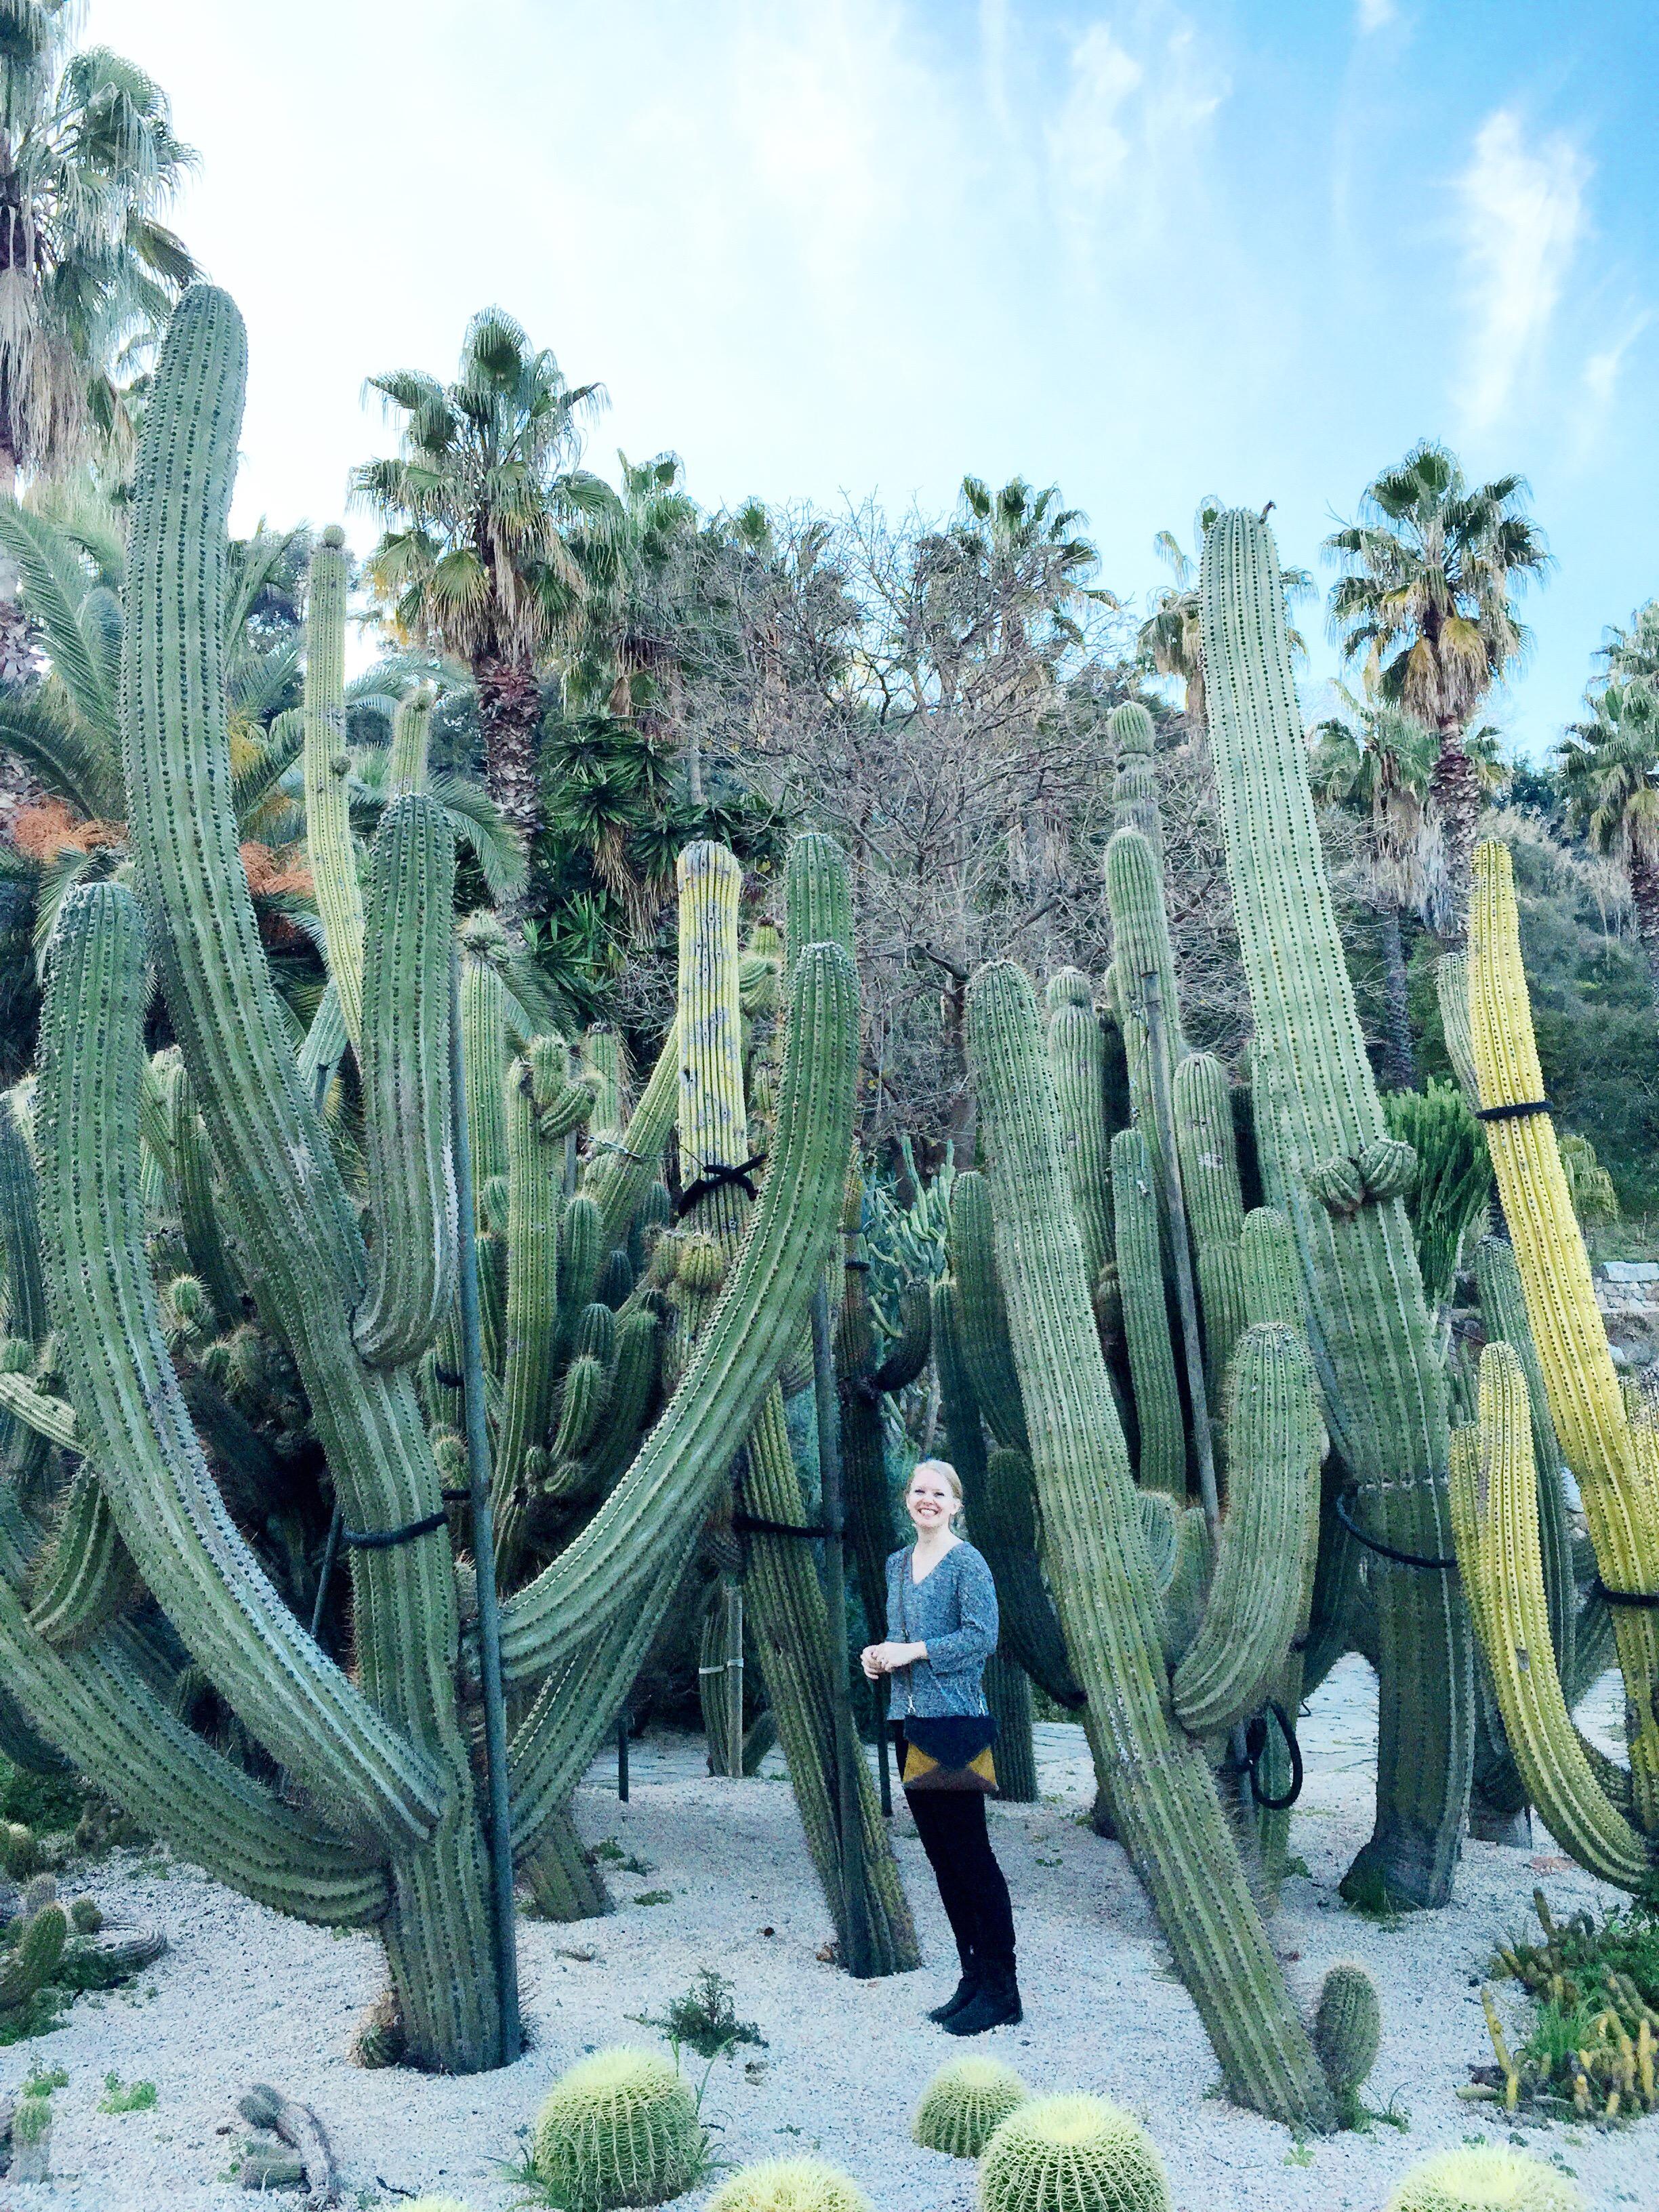 Jardins de Mossèn Costa i Llobera - Barcelona, Spain